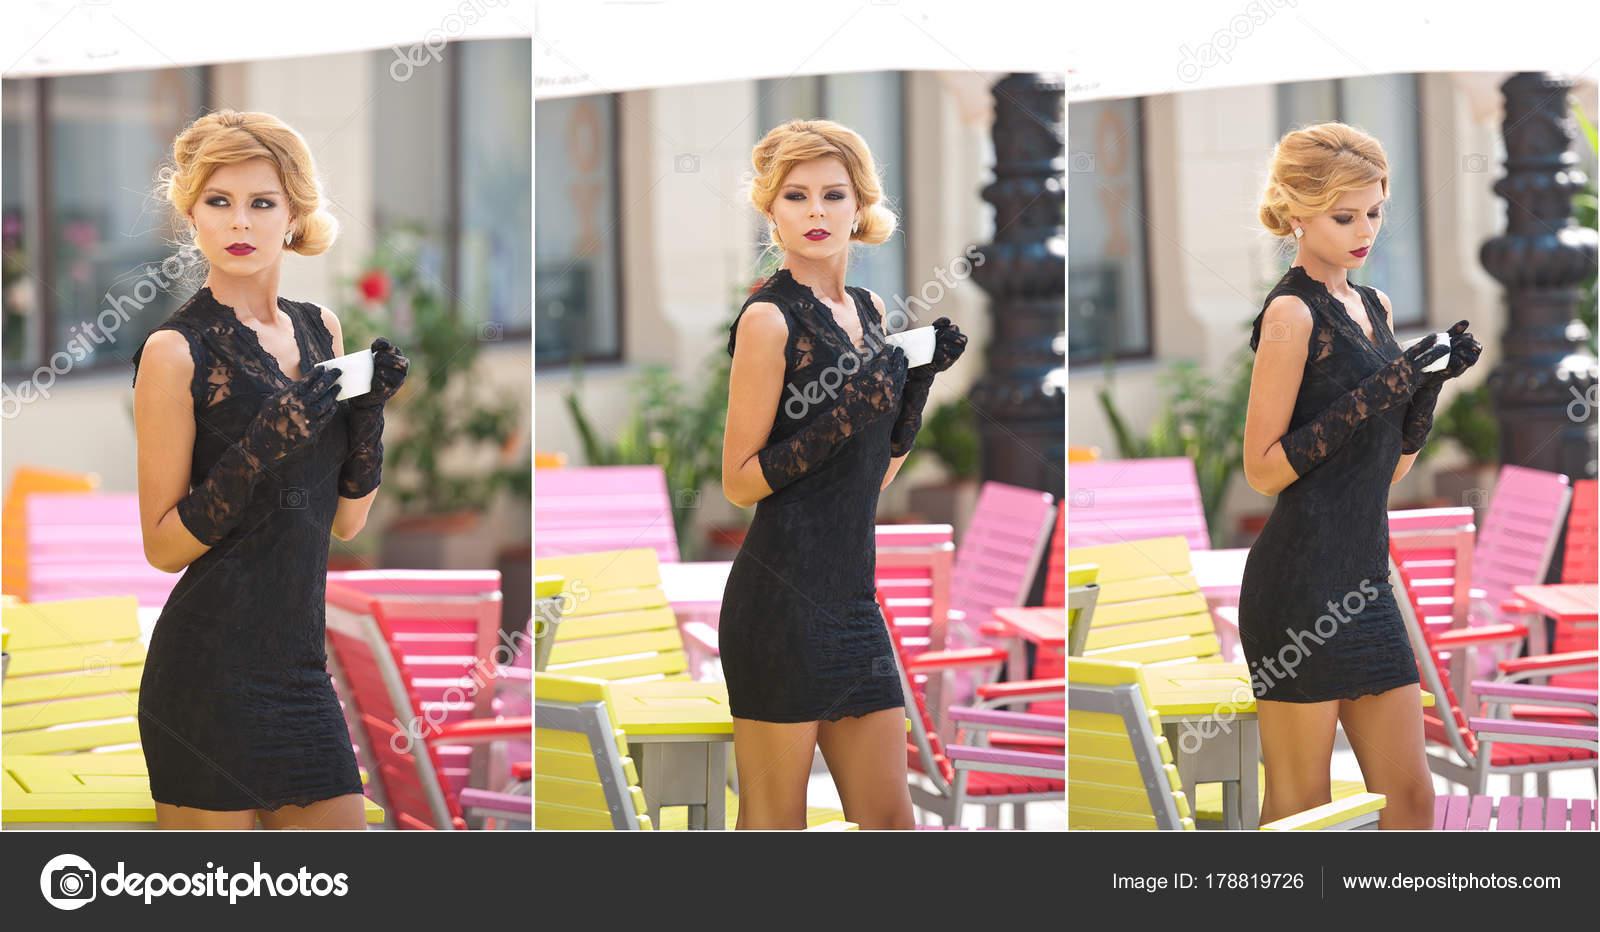 Signora alla moda con abito corto in pizzo nero e sciarpa rossa e tacchi  alti 8e0e552e87e